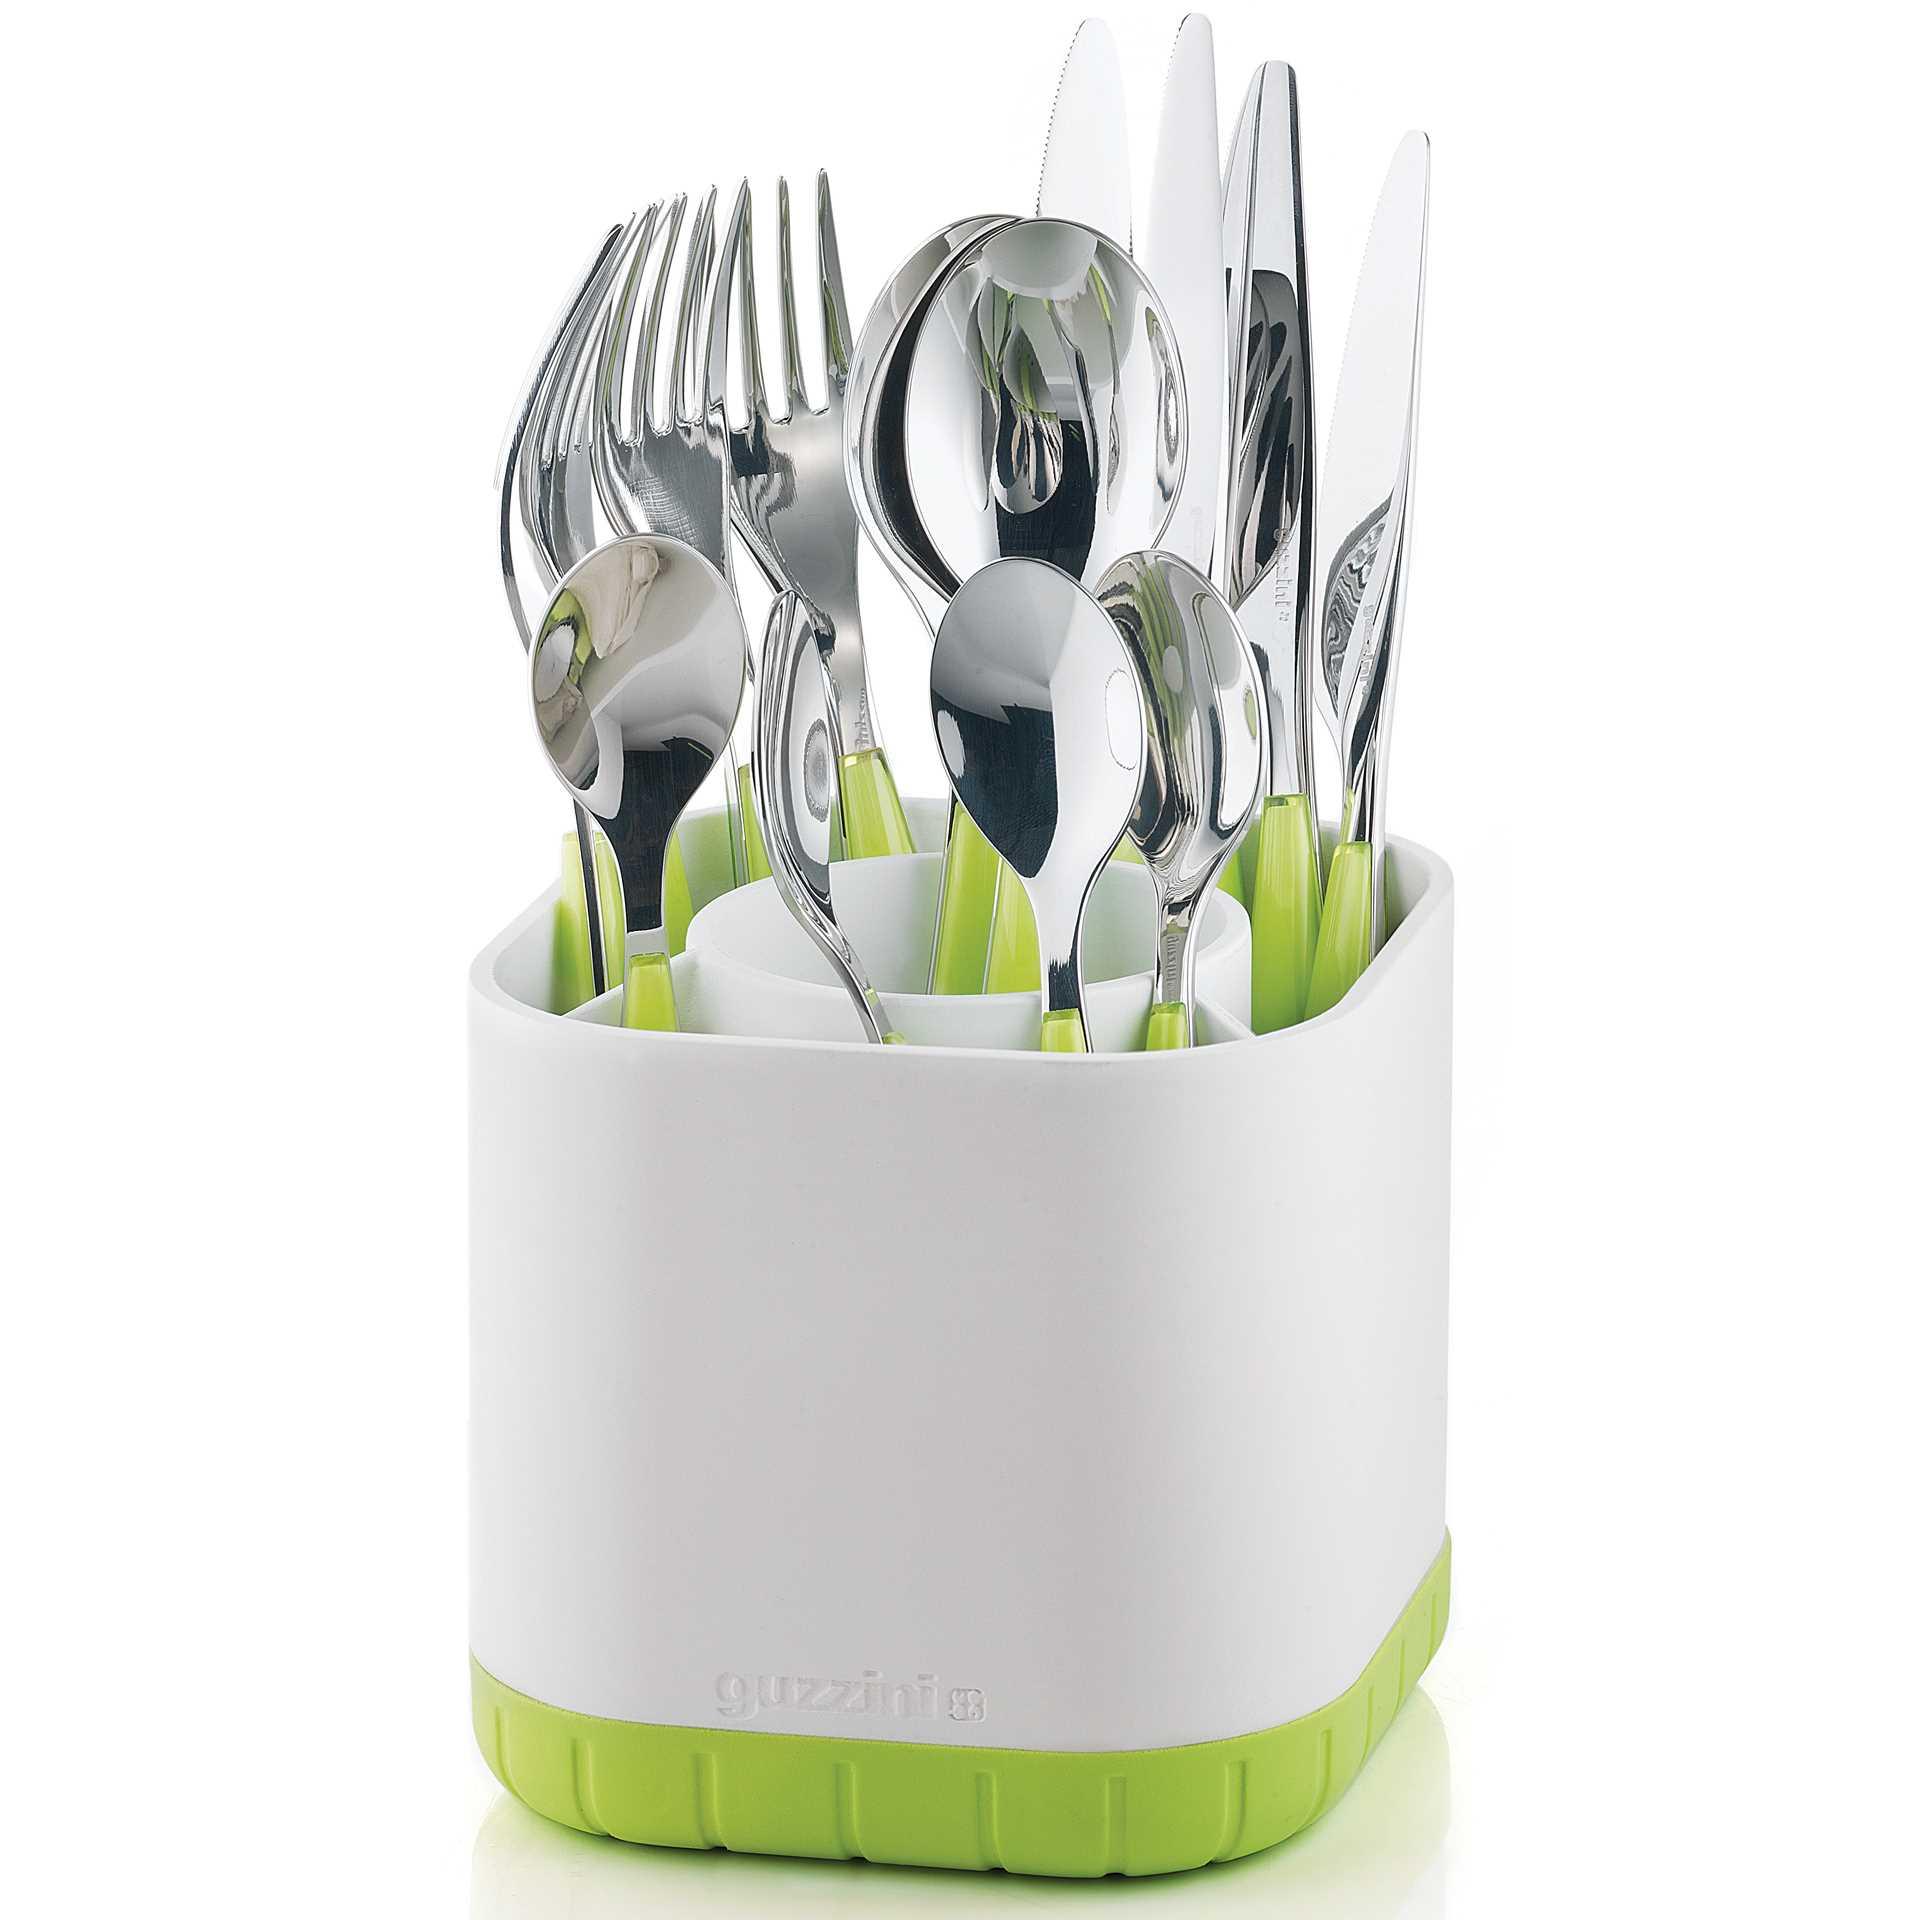 Guzzini fill e drain scolaposate verde my kitchen accessori for Amazon thun saldi